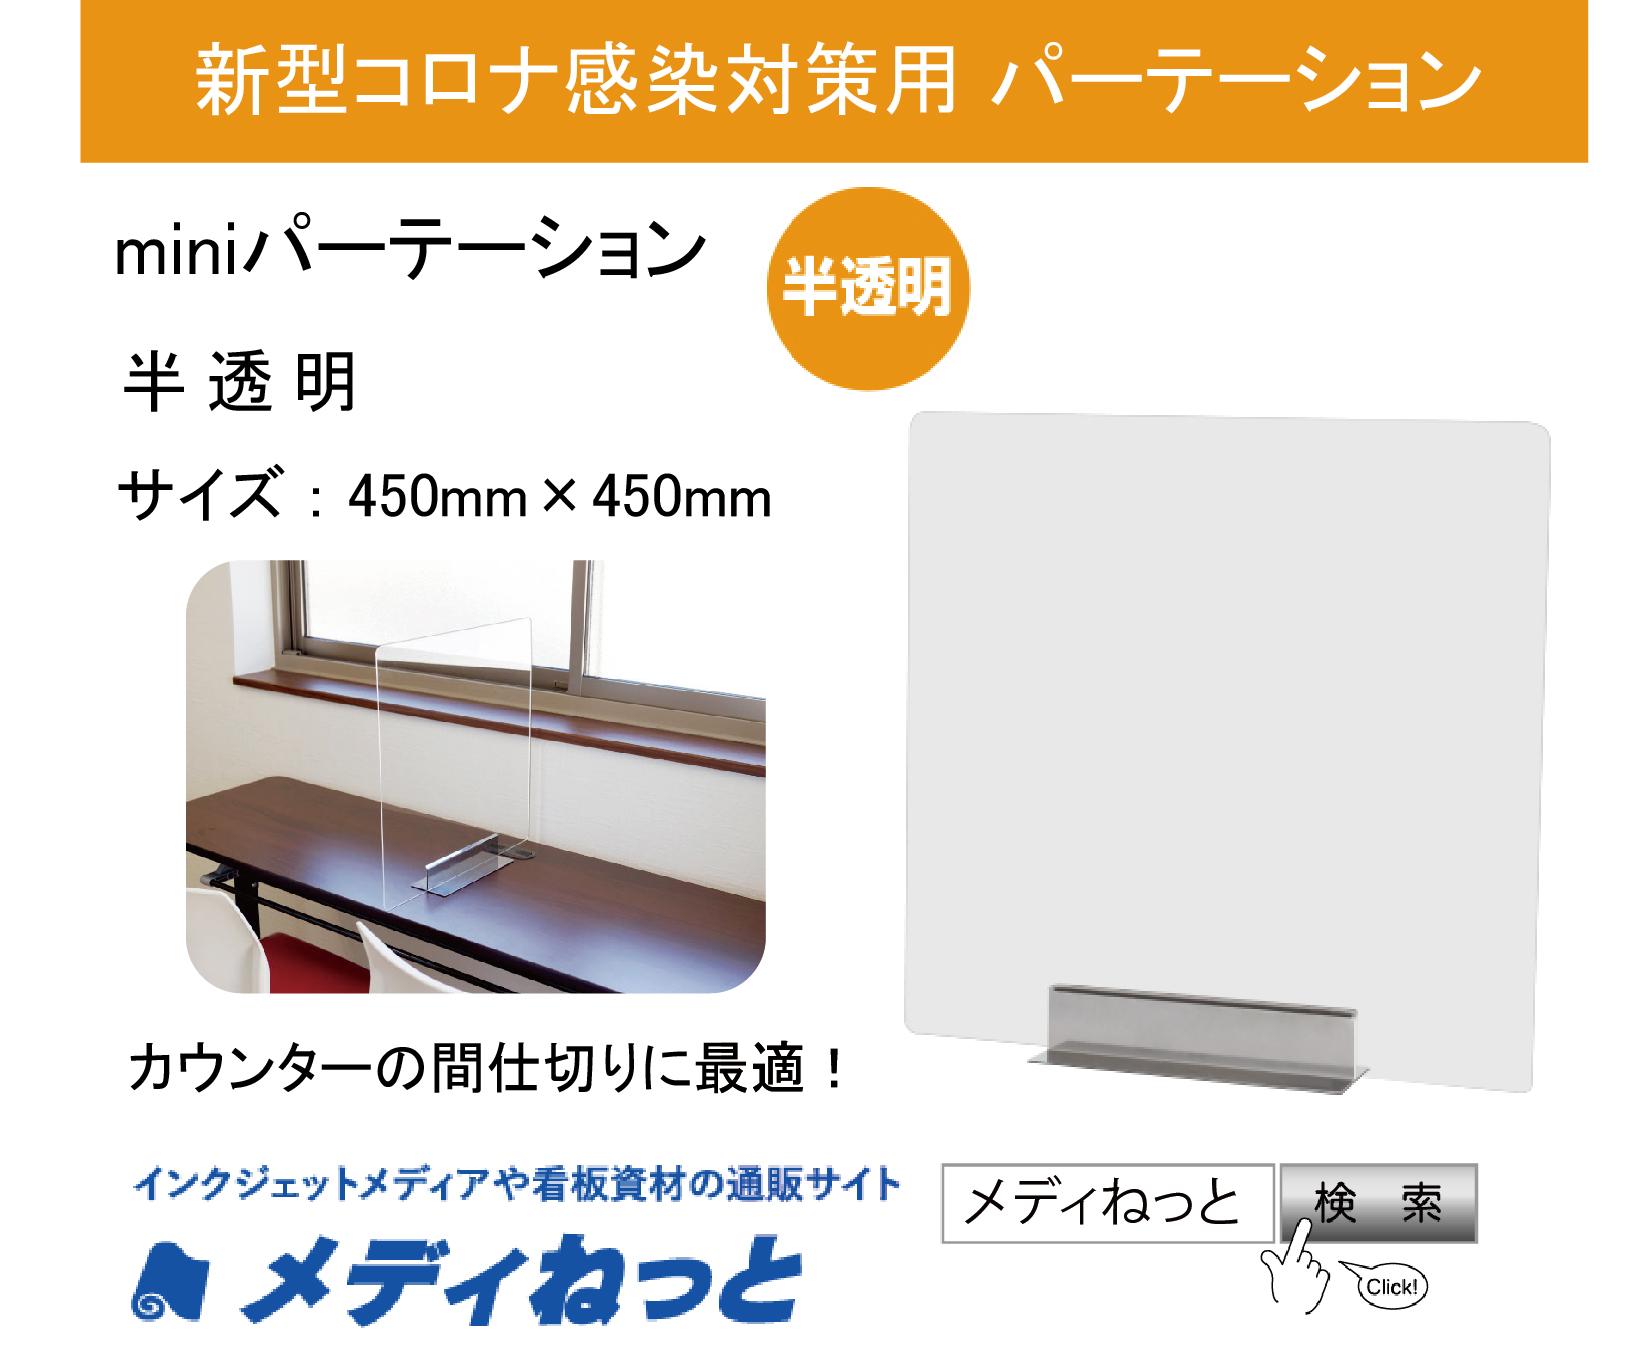 【飛沫感染予防バリア】miniパーテーション 450×450 半透明(フロスト)